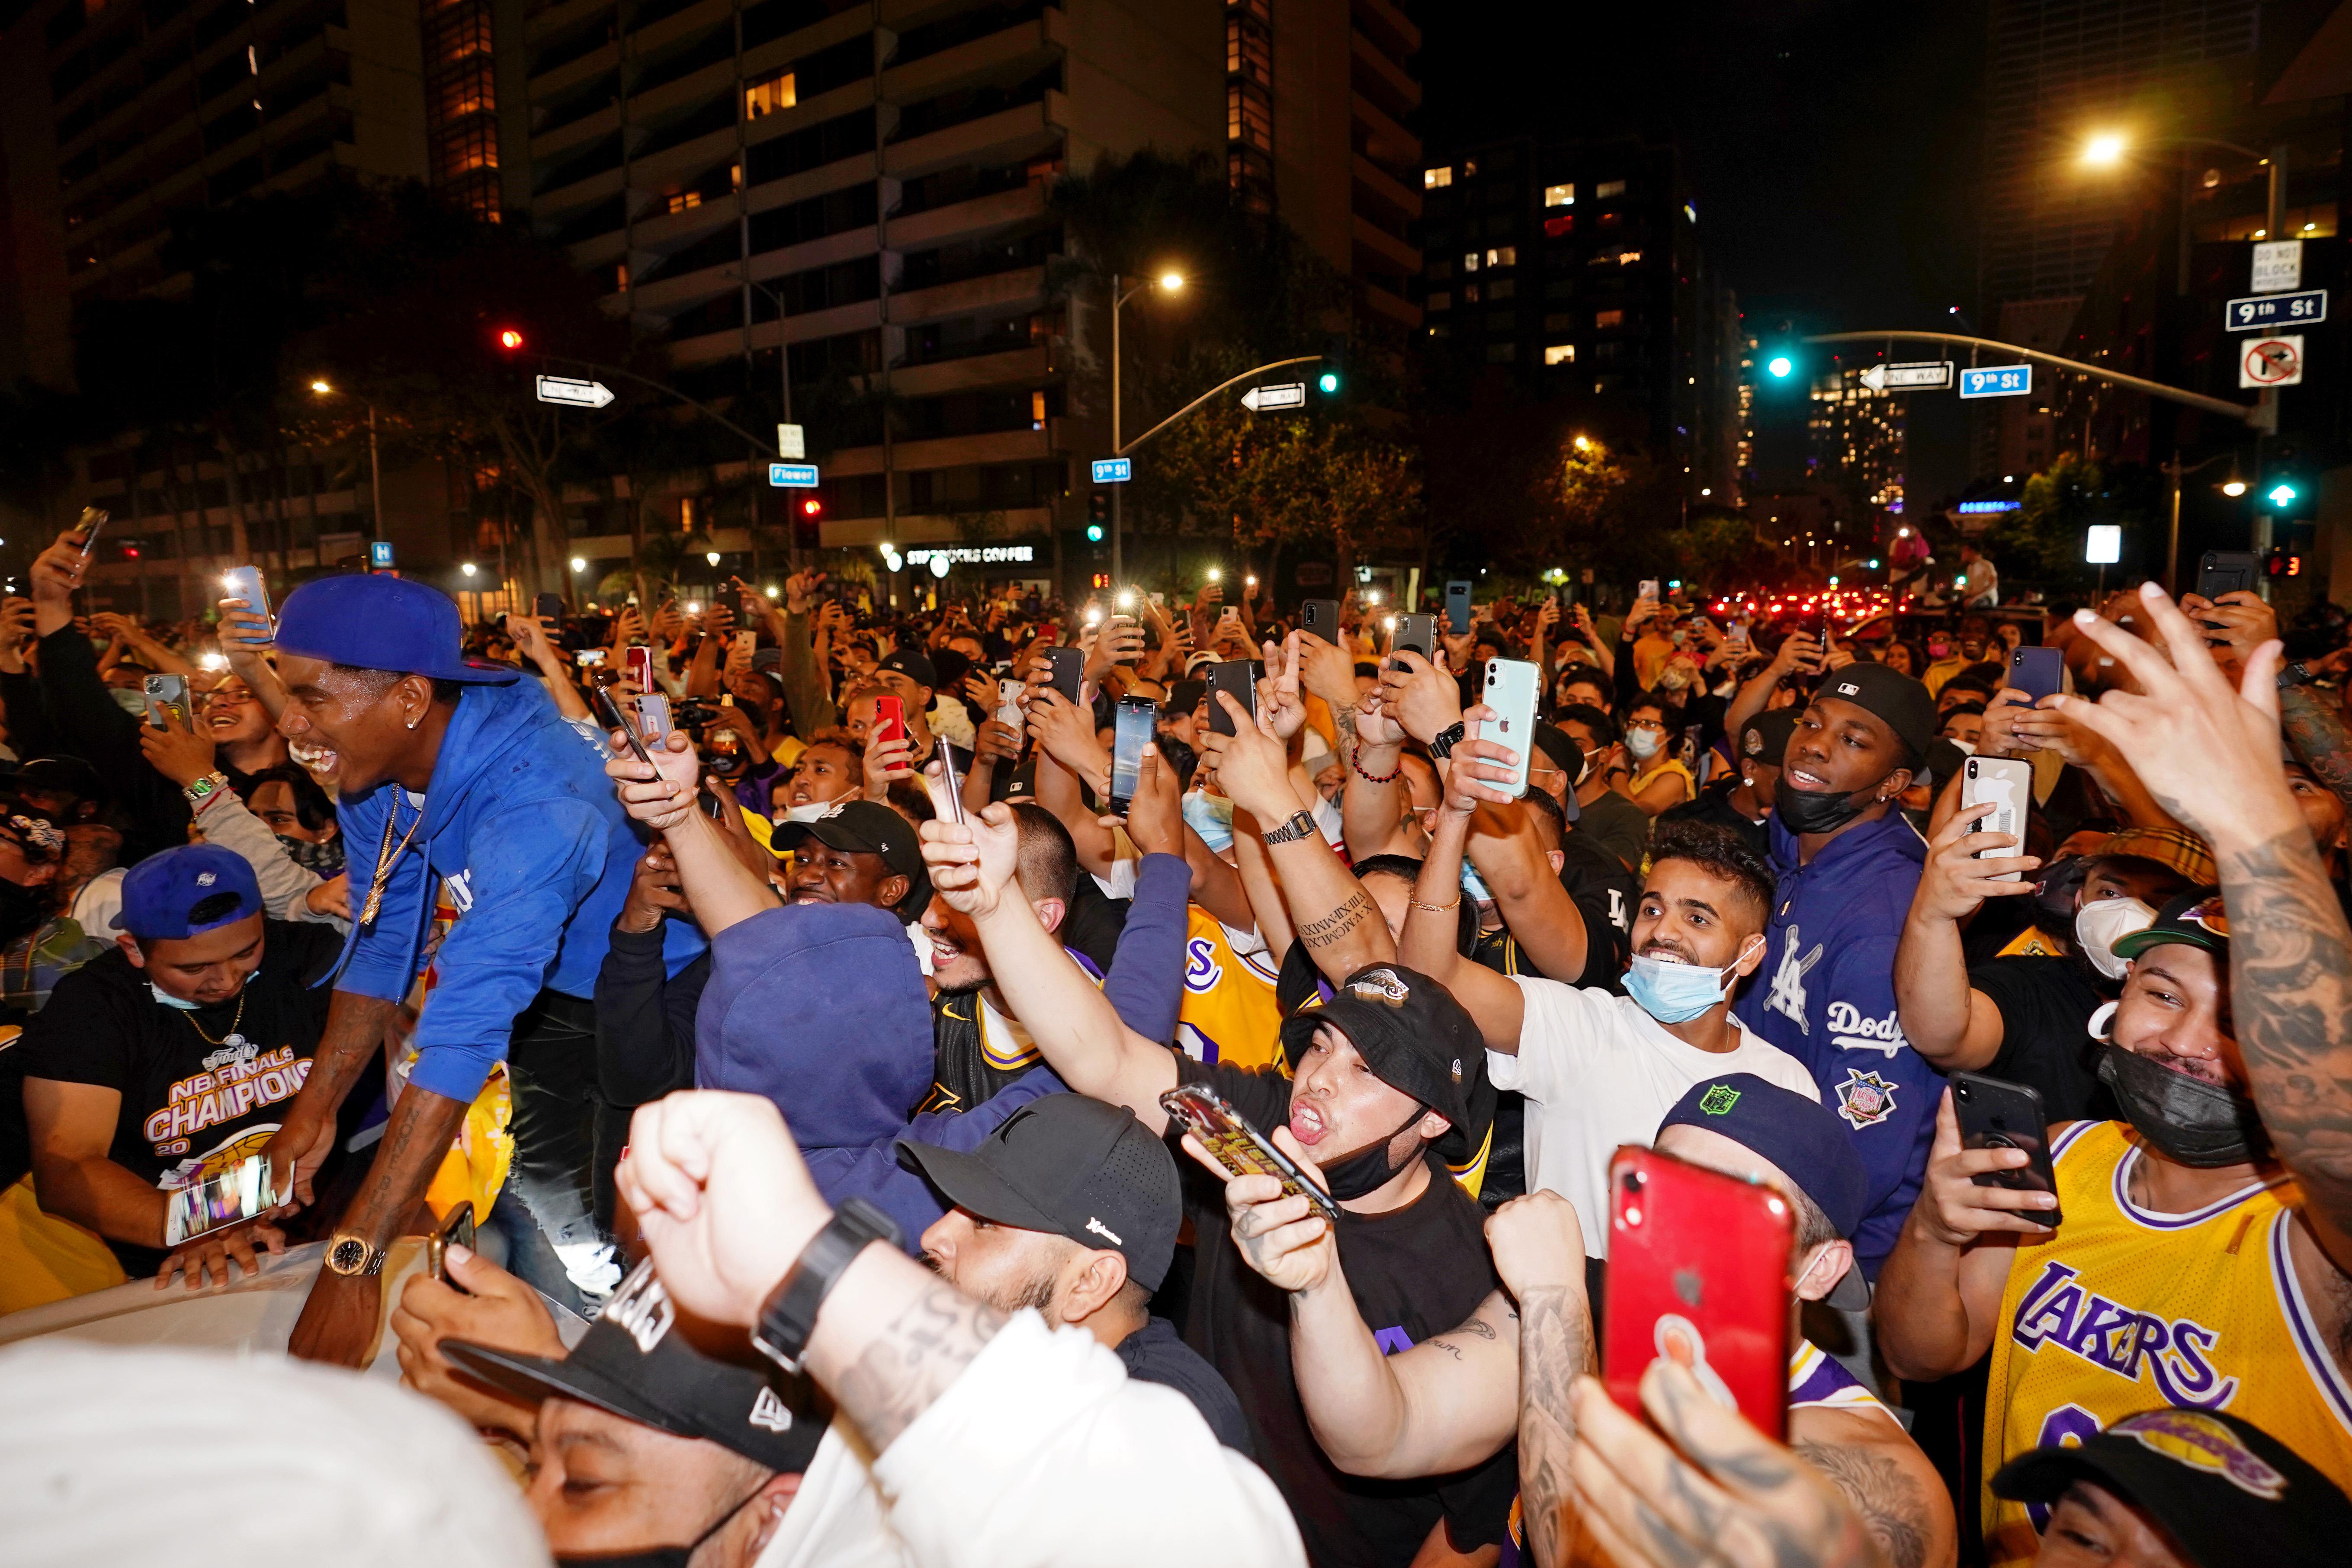 北京時間12日上午,2019-2020賽季NBA總決賽落下帷幕,洛杉磯湖人經過6場鏖戰,4比2擊敗邁阿密熱火加冕總冠軍。球迷們歡呼雀躍。